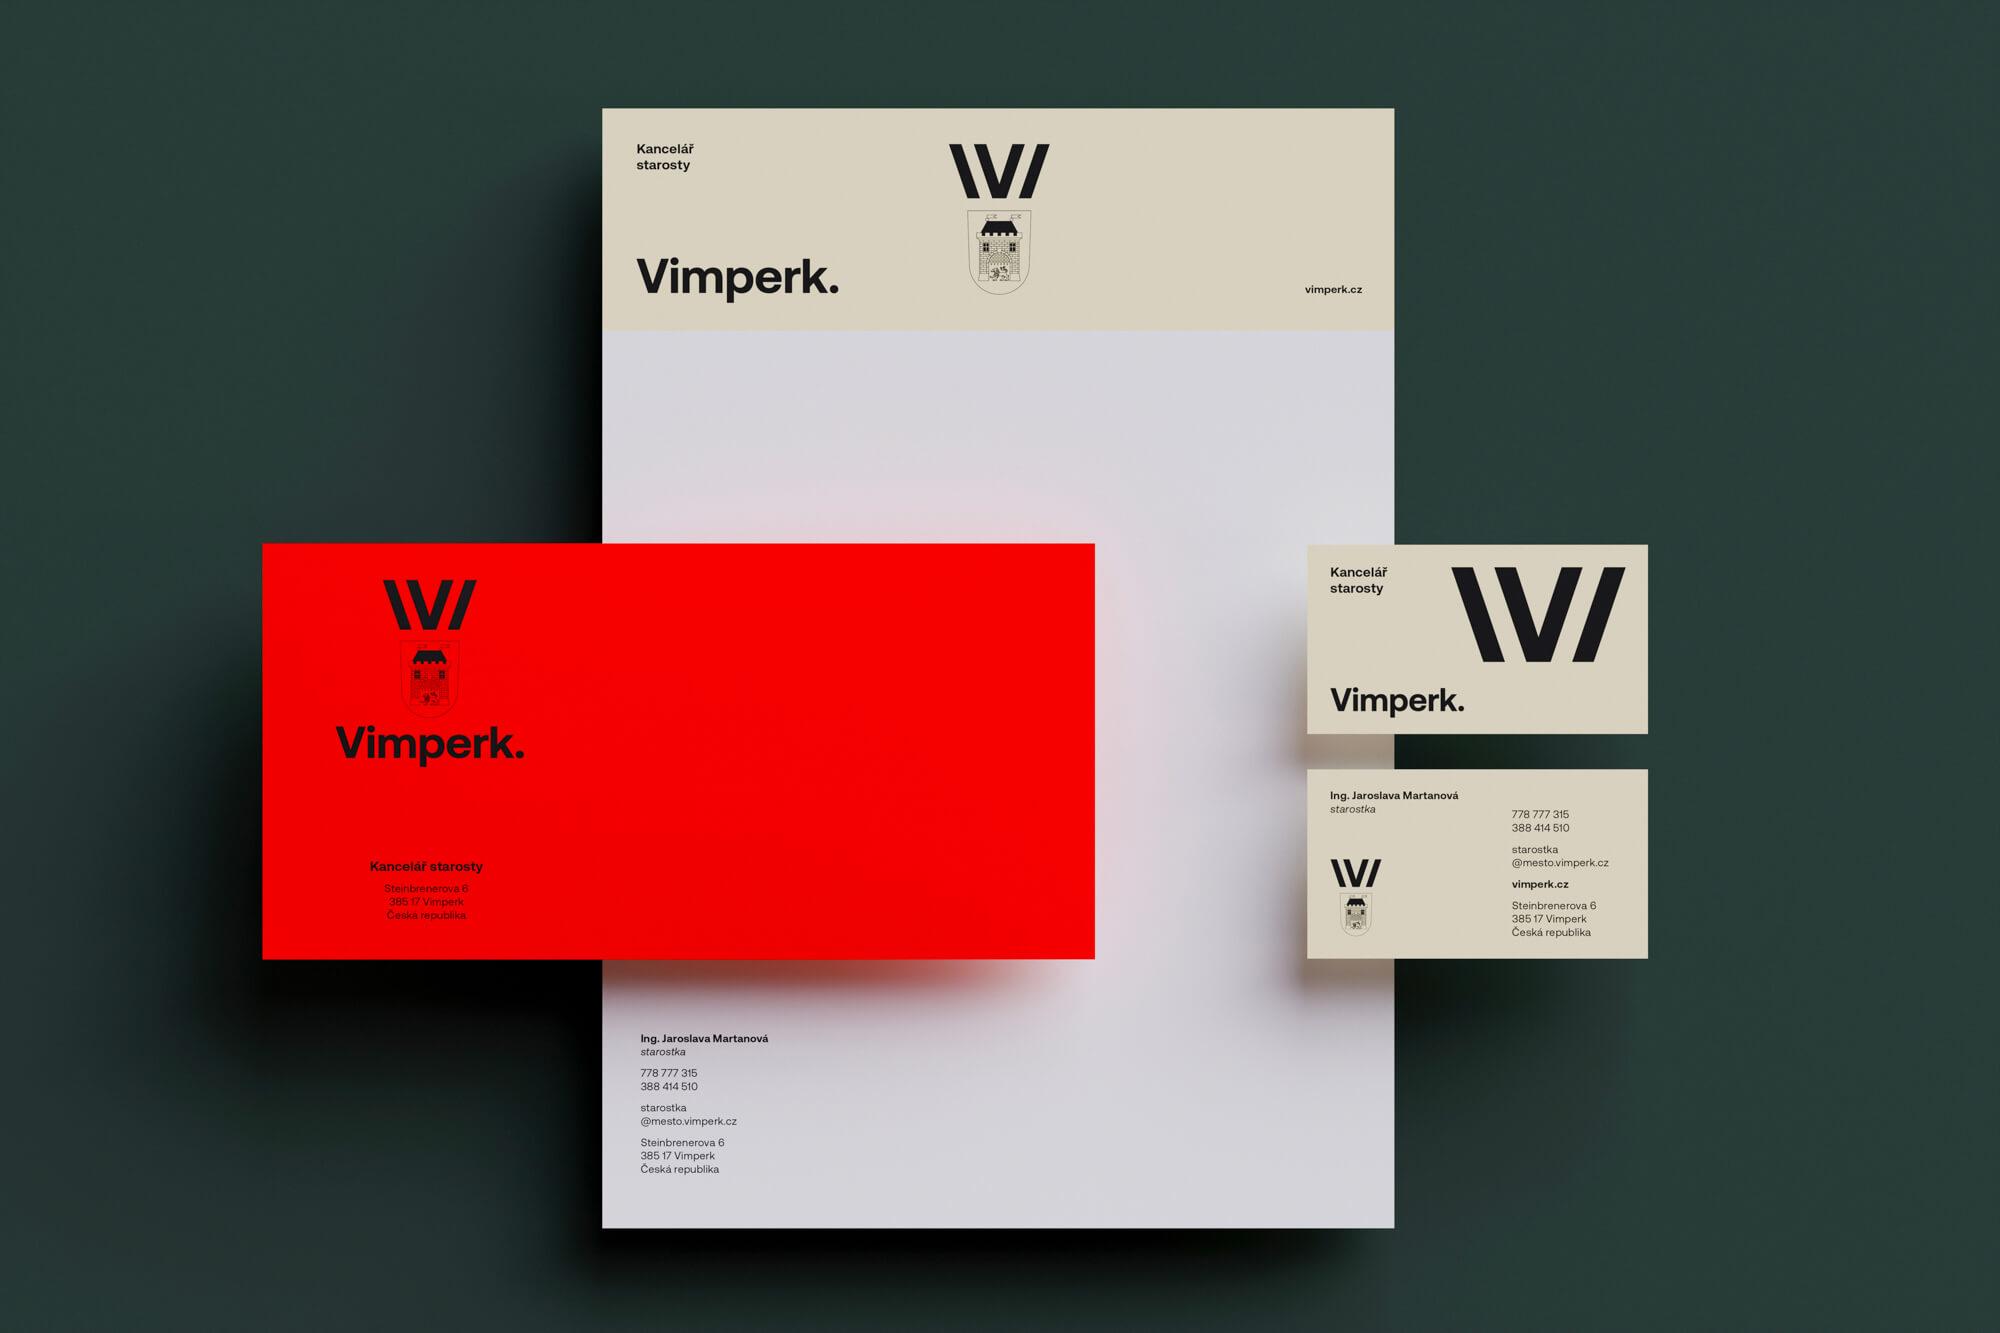 Nová vizuální identita Vimperk od Studia Chabera